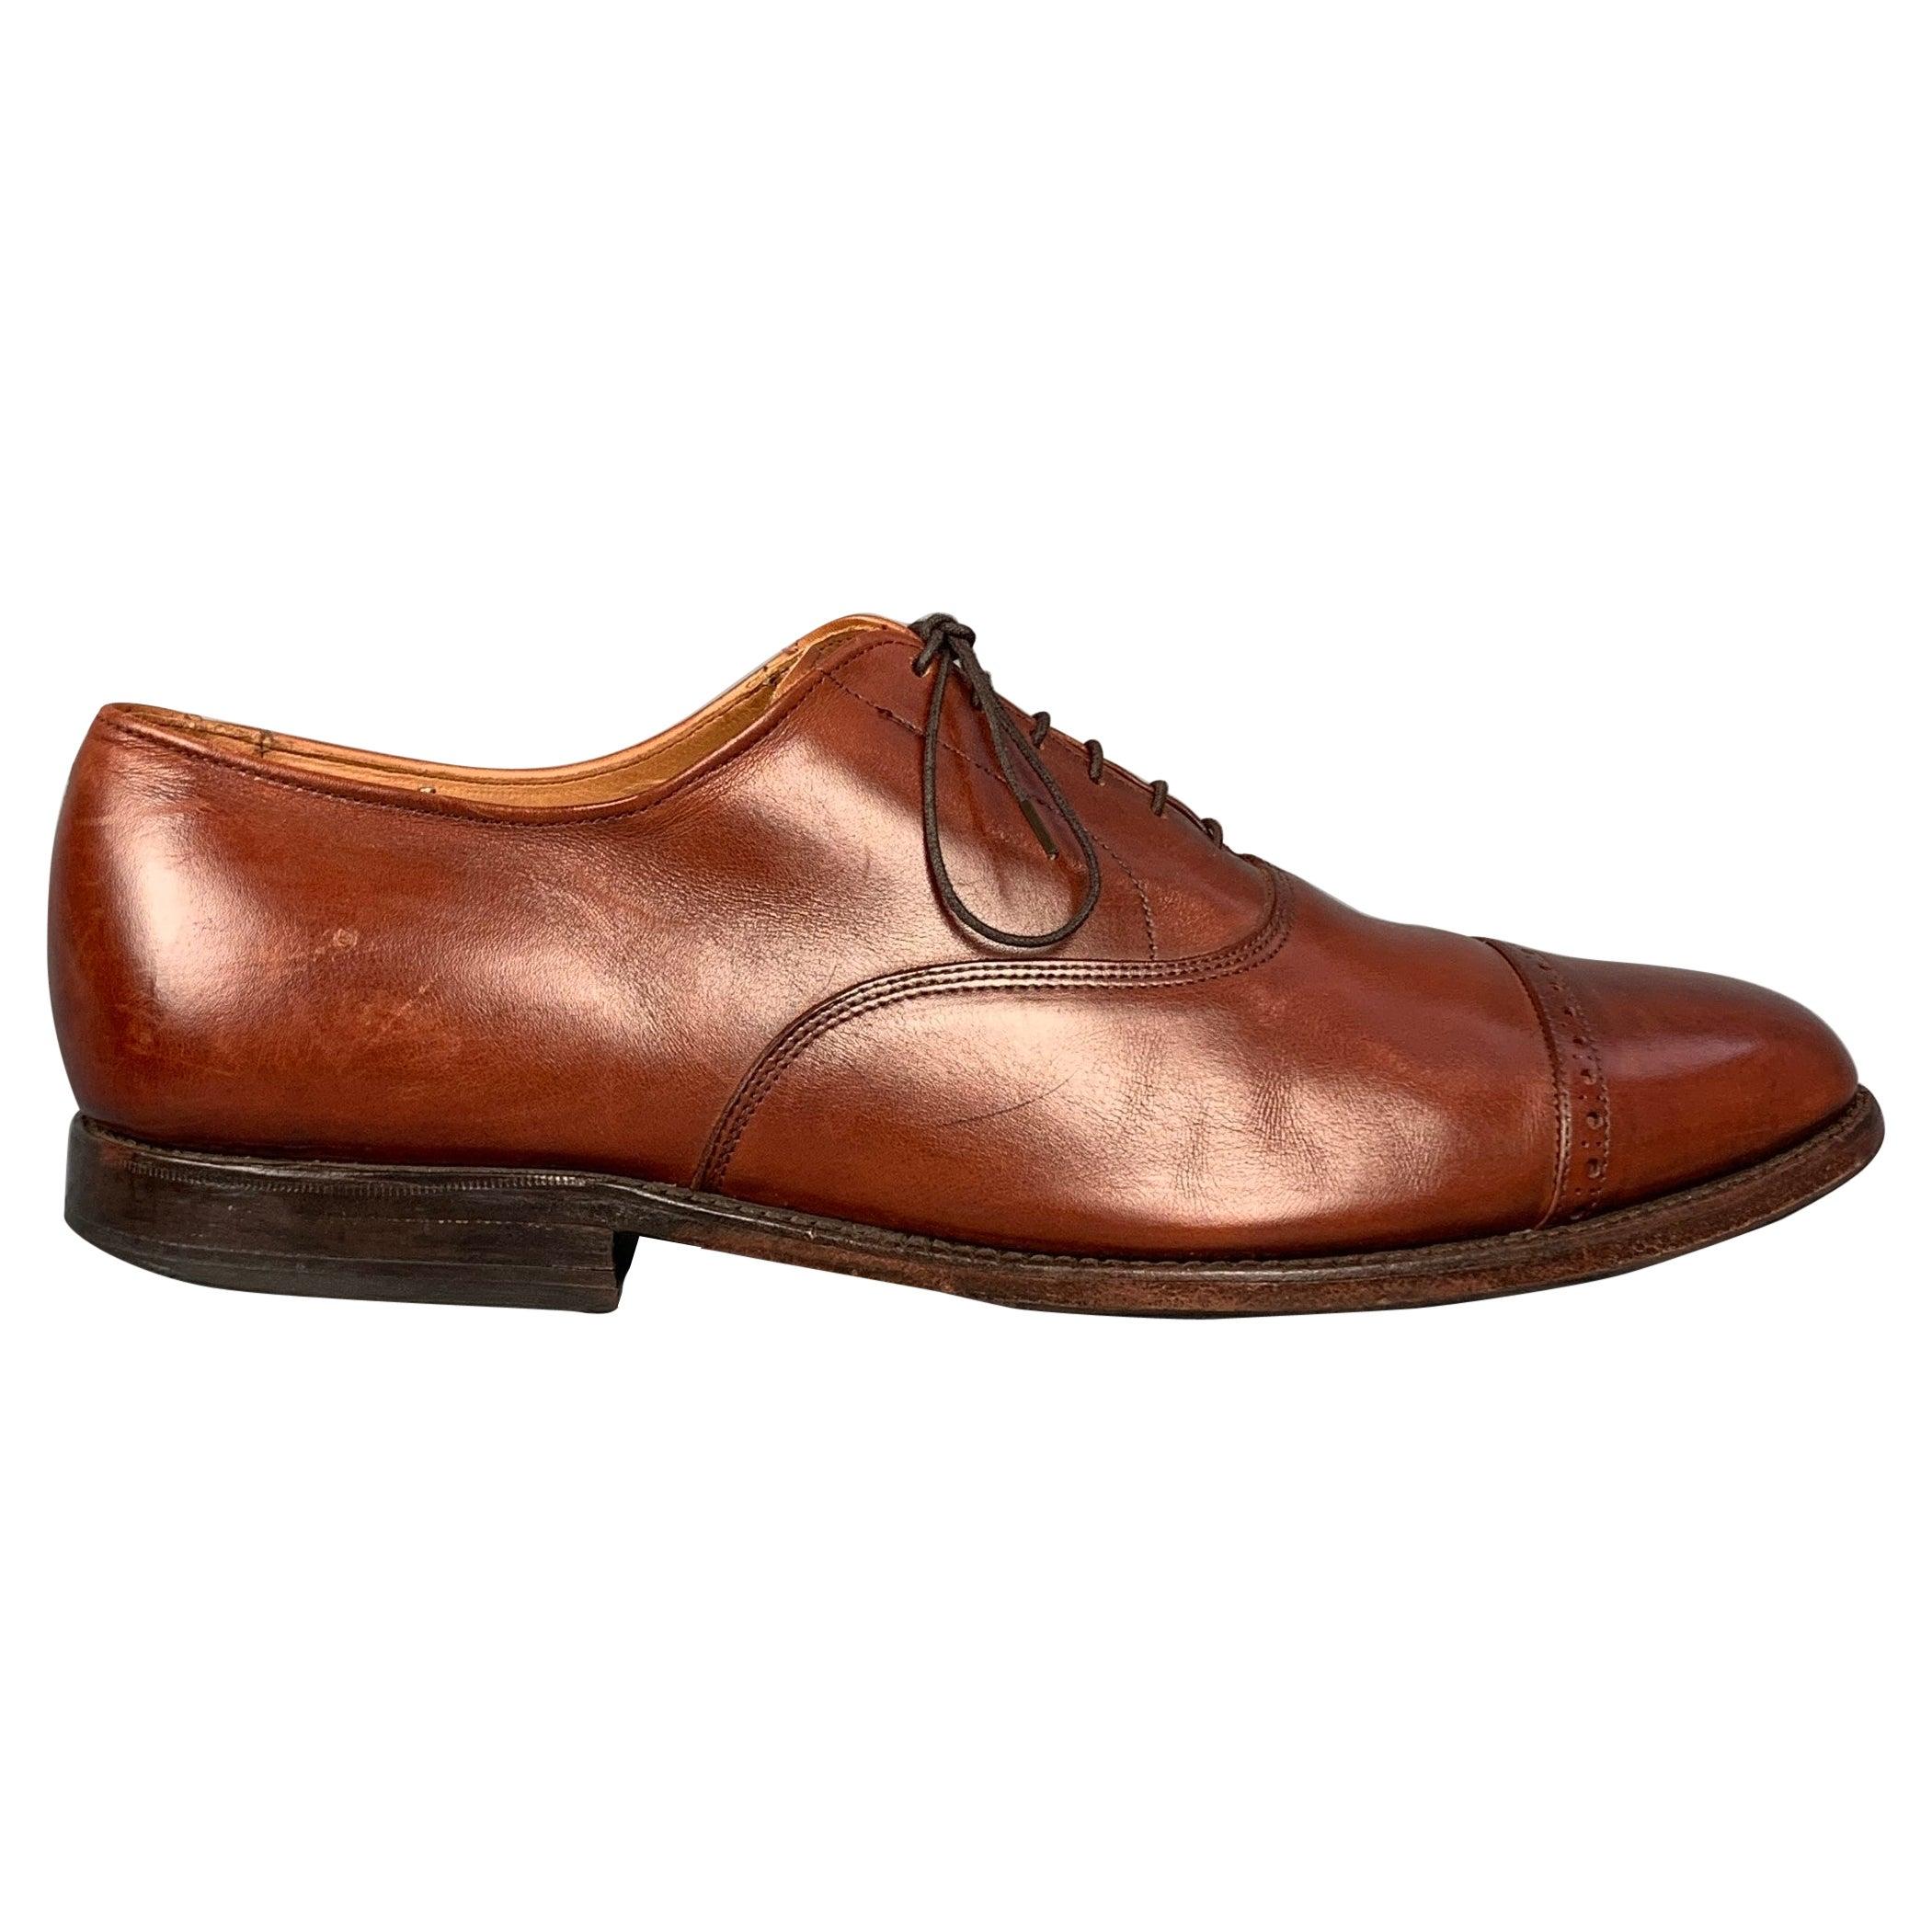 ALLEN EDMONDS Byron Size 15 Brown Leather Cap Toe Lace Up Shoes